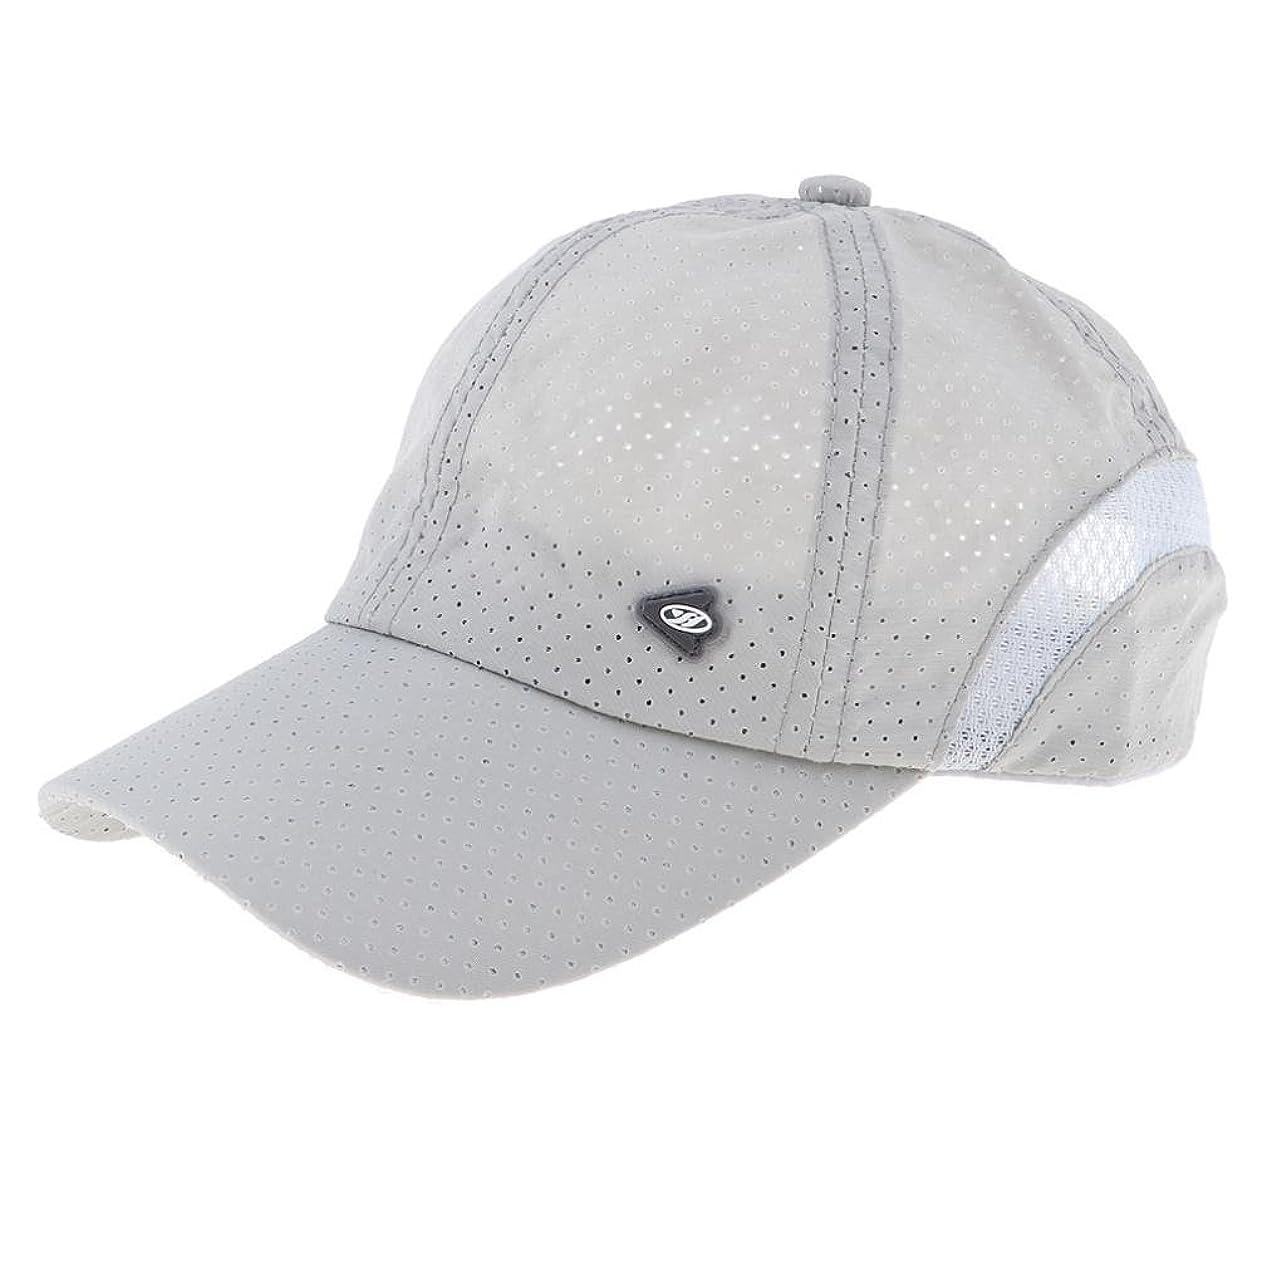 準拠前任者叫ぶPrettyia 野球帽 速乾帽 釣り キャップ ヒップホップ 調節可能 男女用 メッシュ 調節可能 贈り物